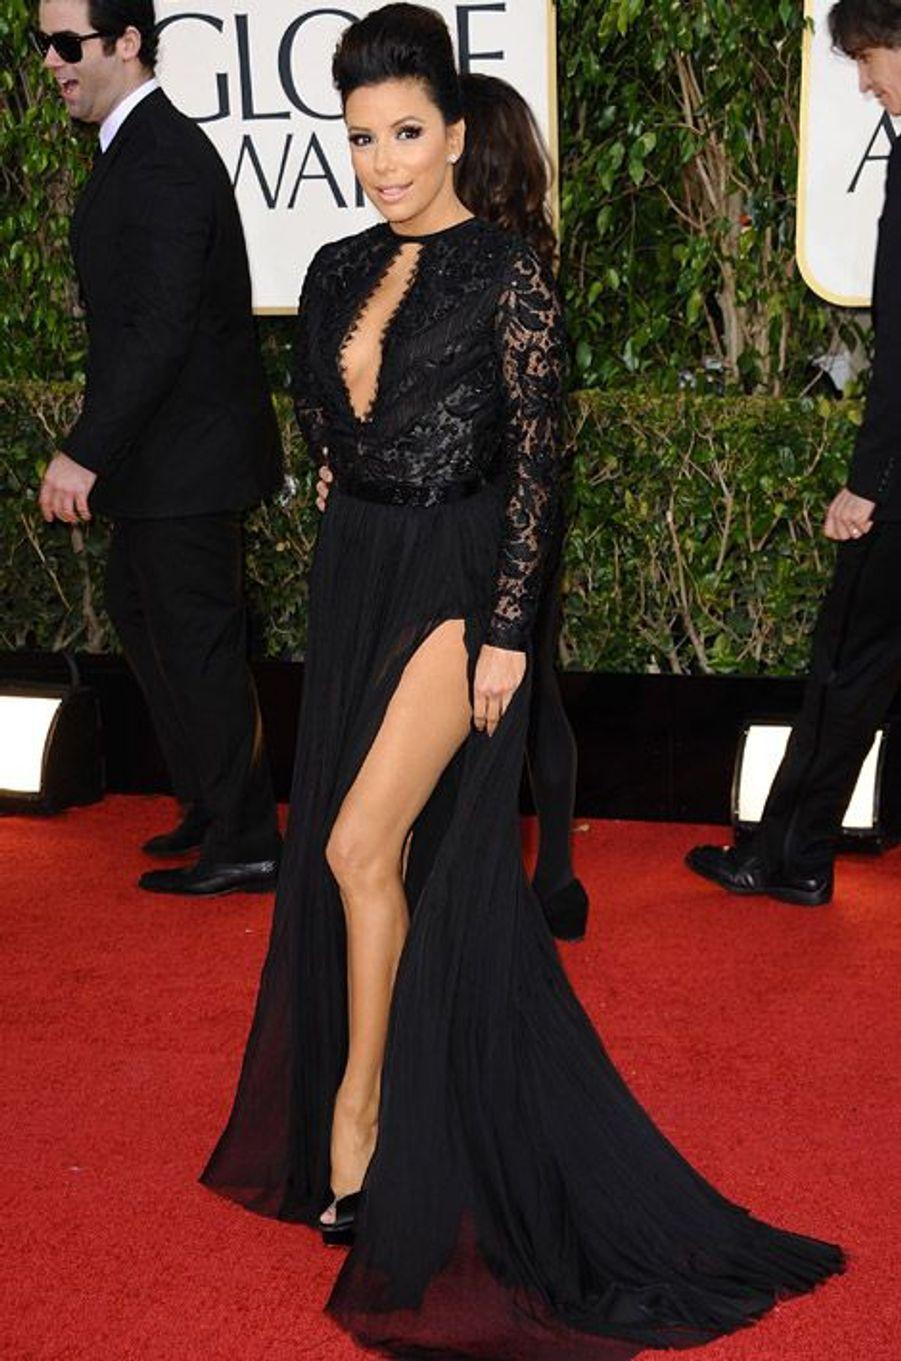 L'actrice Eva Longoria lors de la cérémonie des Golden Globes à Los Angeles, le 13 janvier 2013